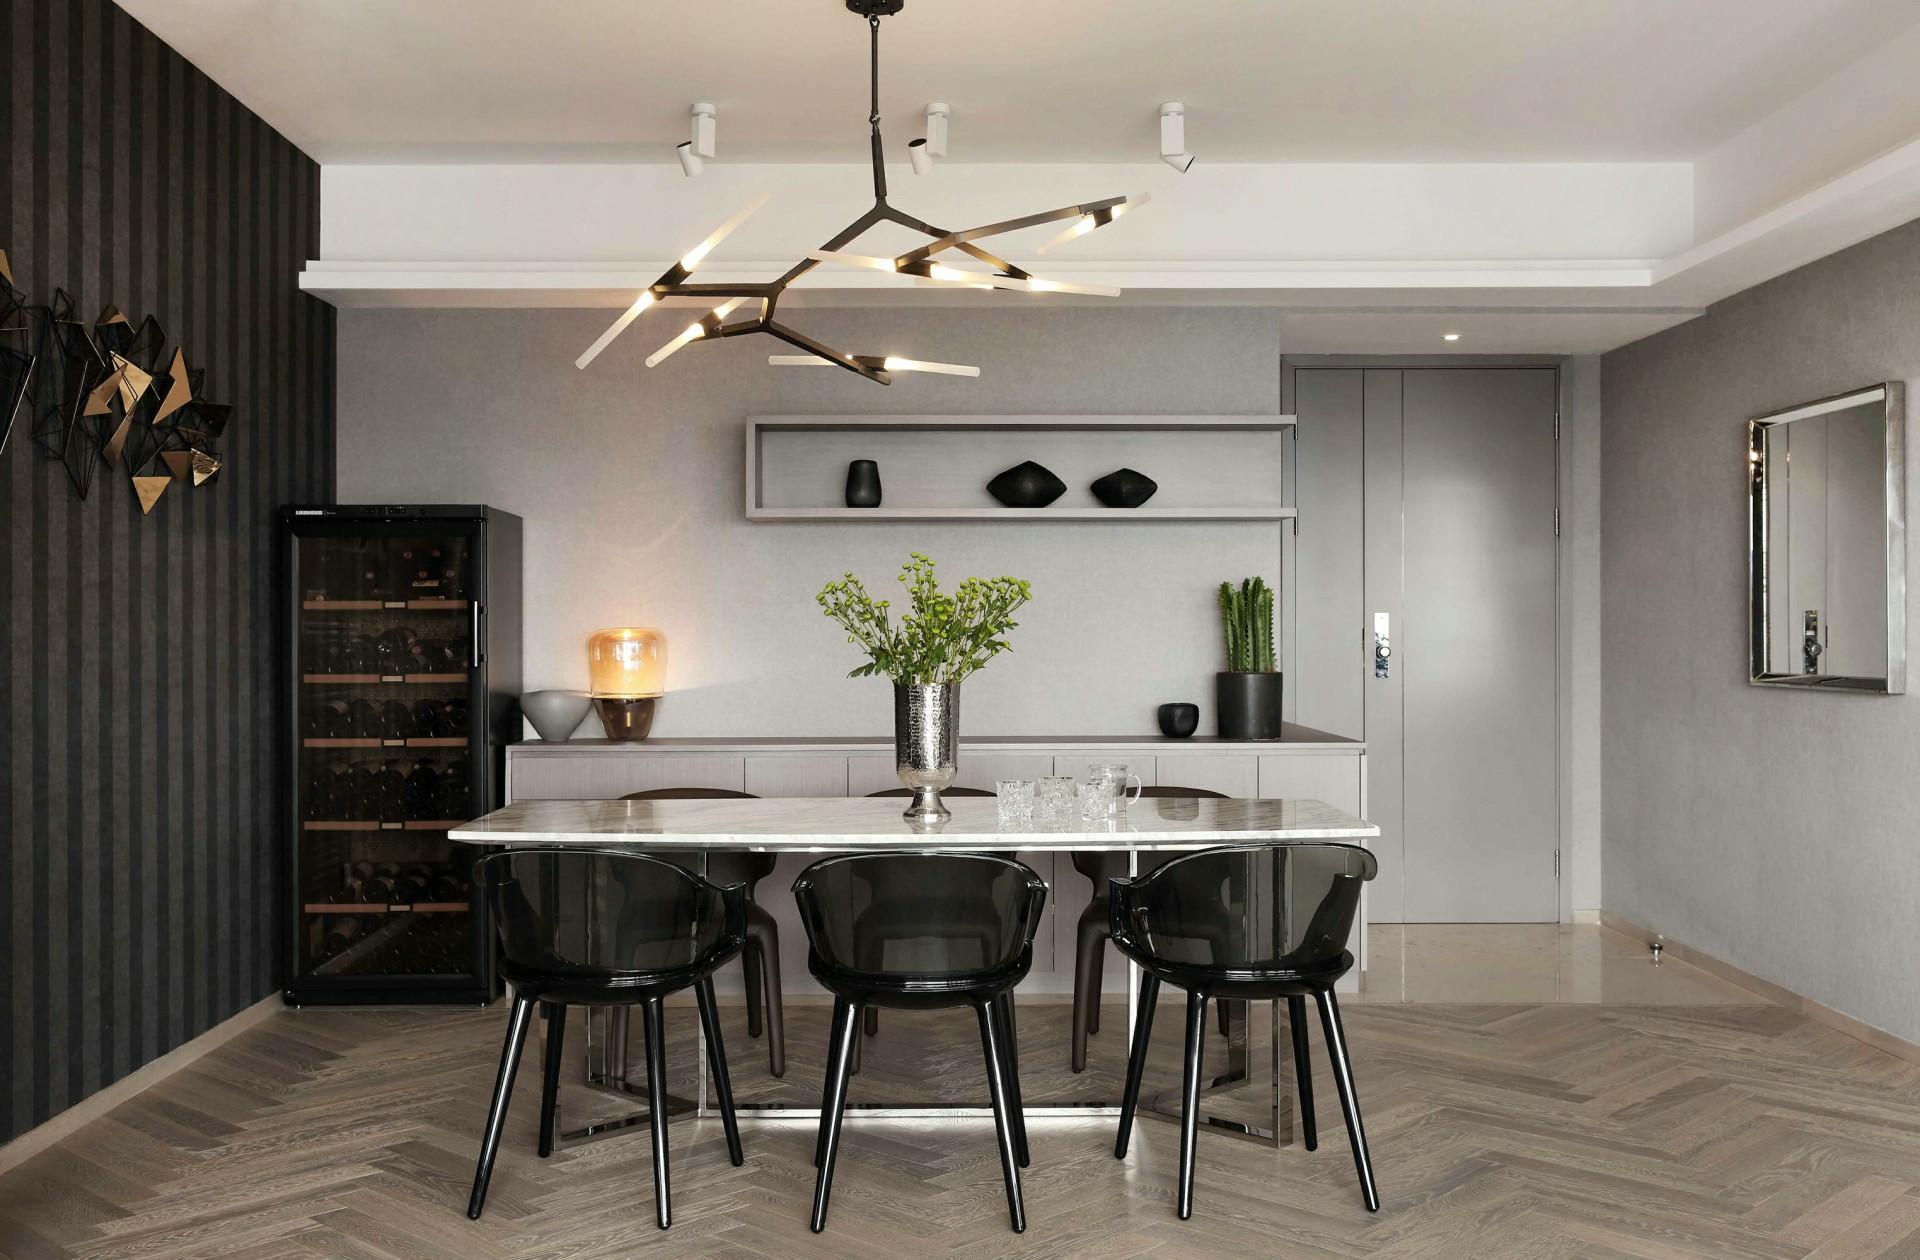 房屋地板砖颜色选择 地板砖颜色搭配技巧